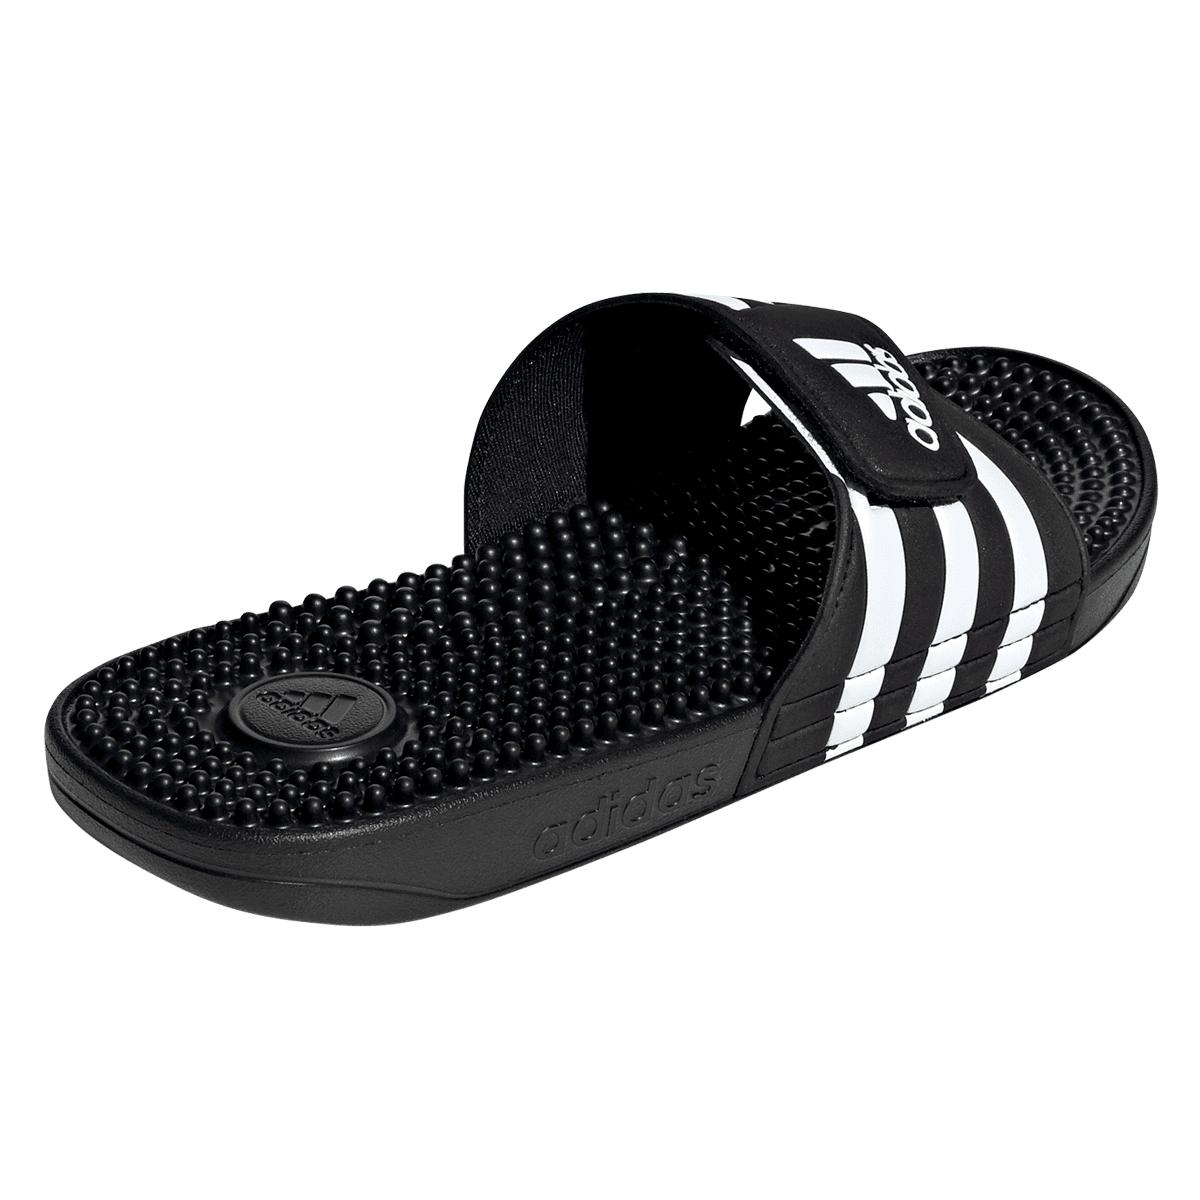 adidas Badesandalen Adissage Slipper schwarzweiß